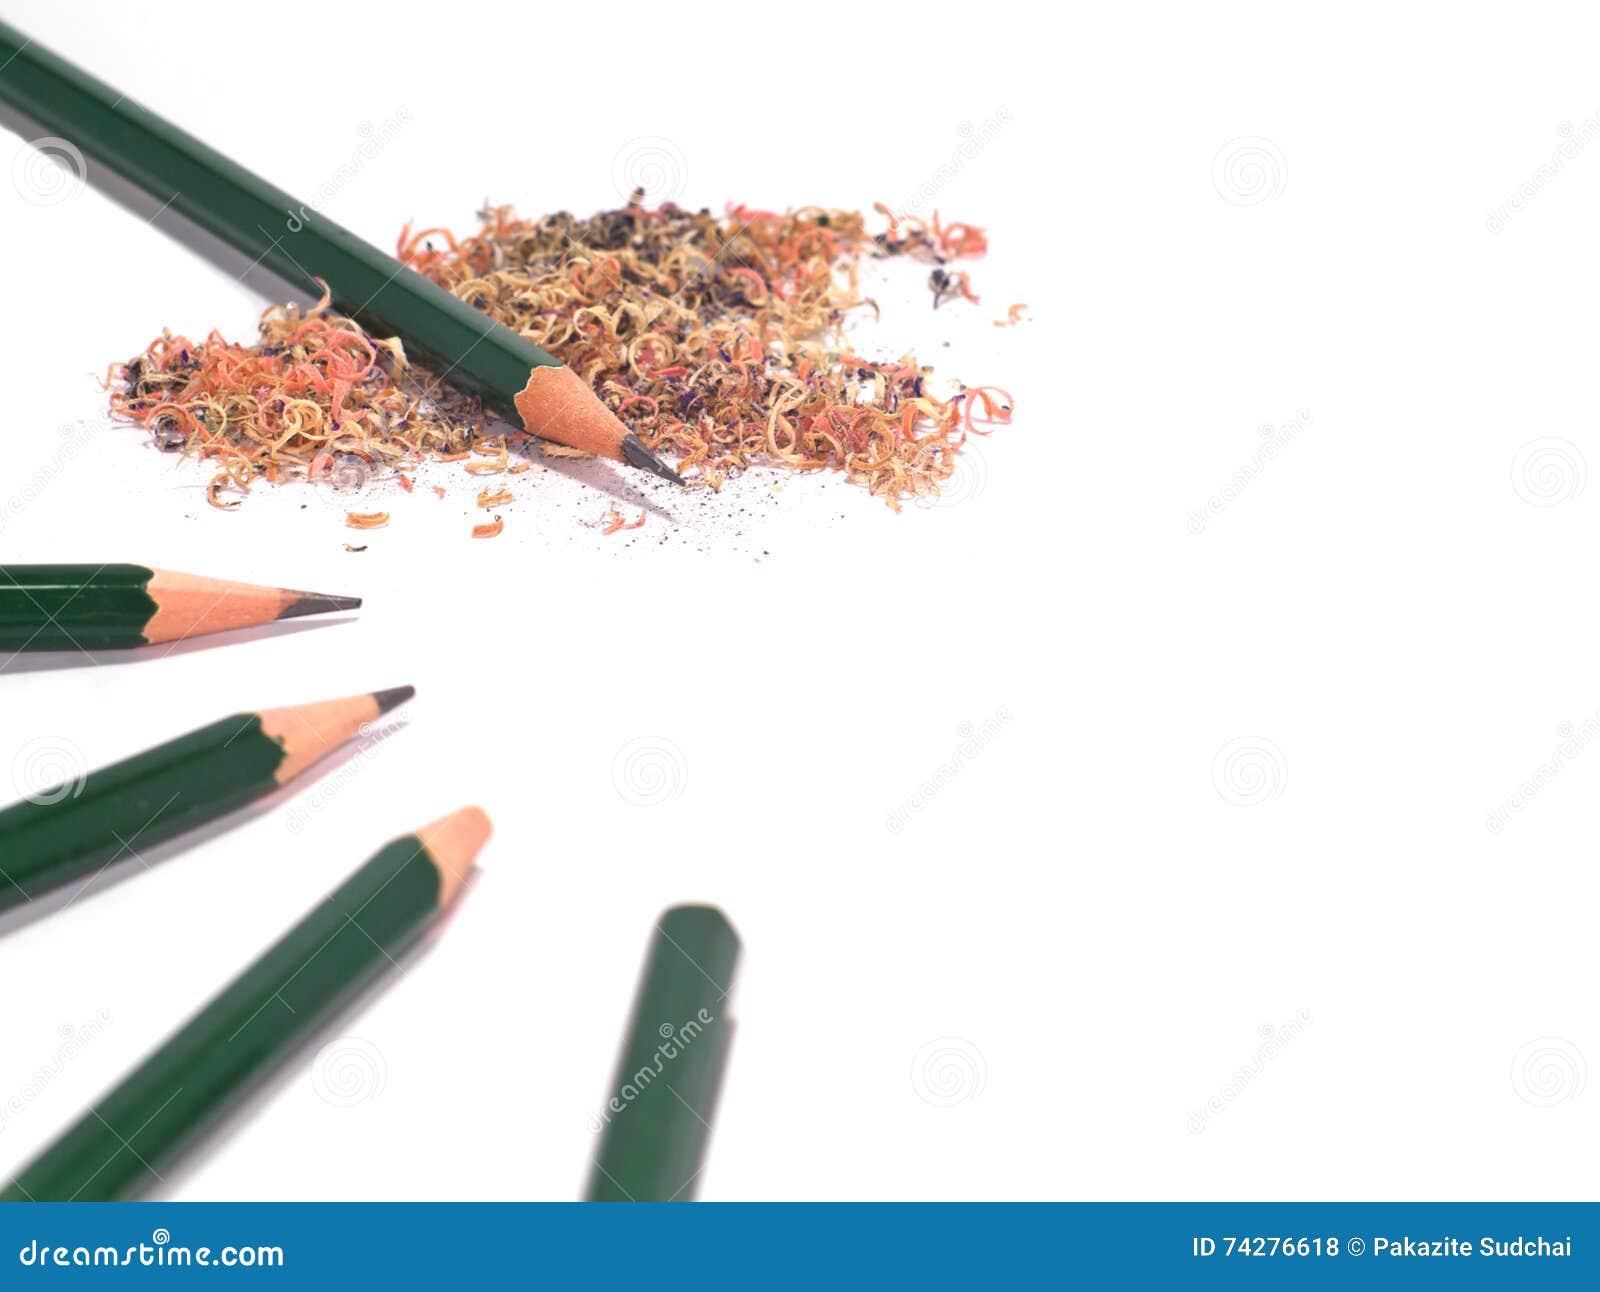 五被削尖的和有铅笔锯木屑的unsharpened绿色铅笔